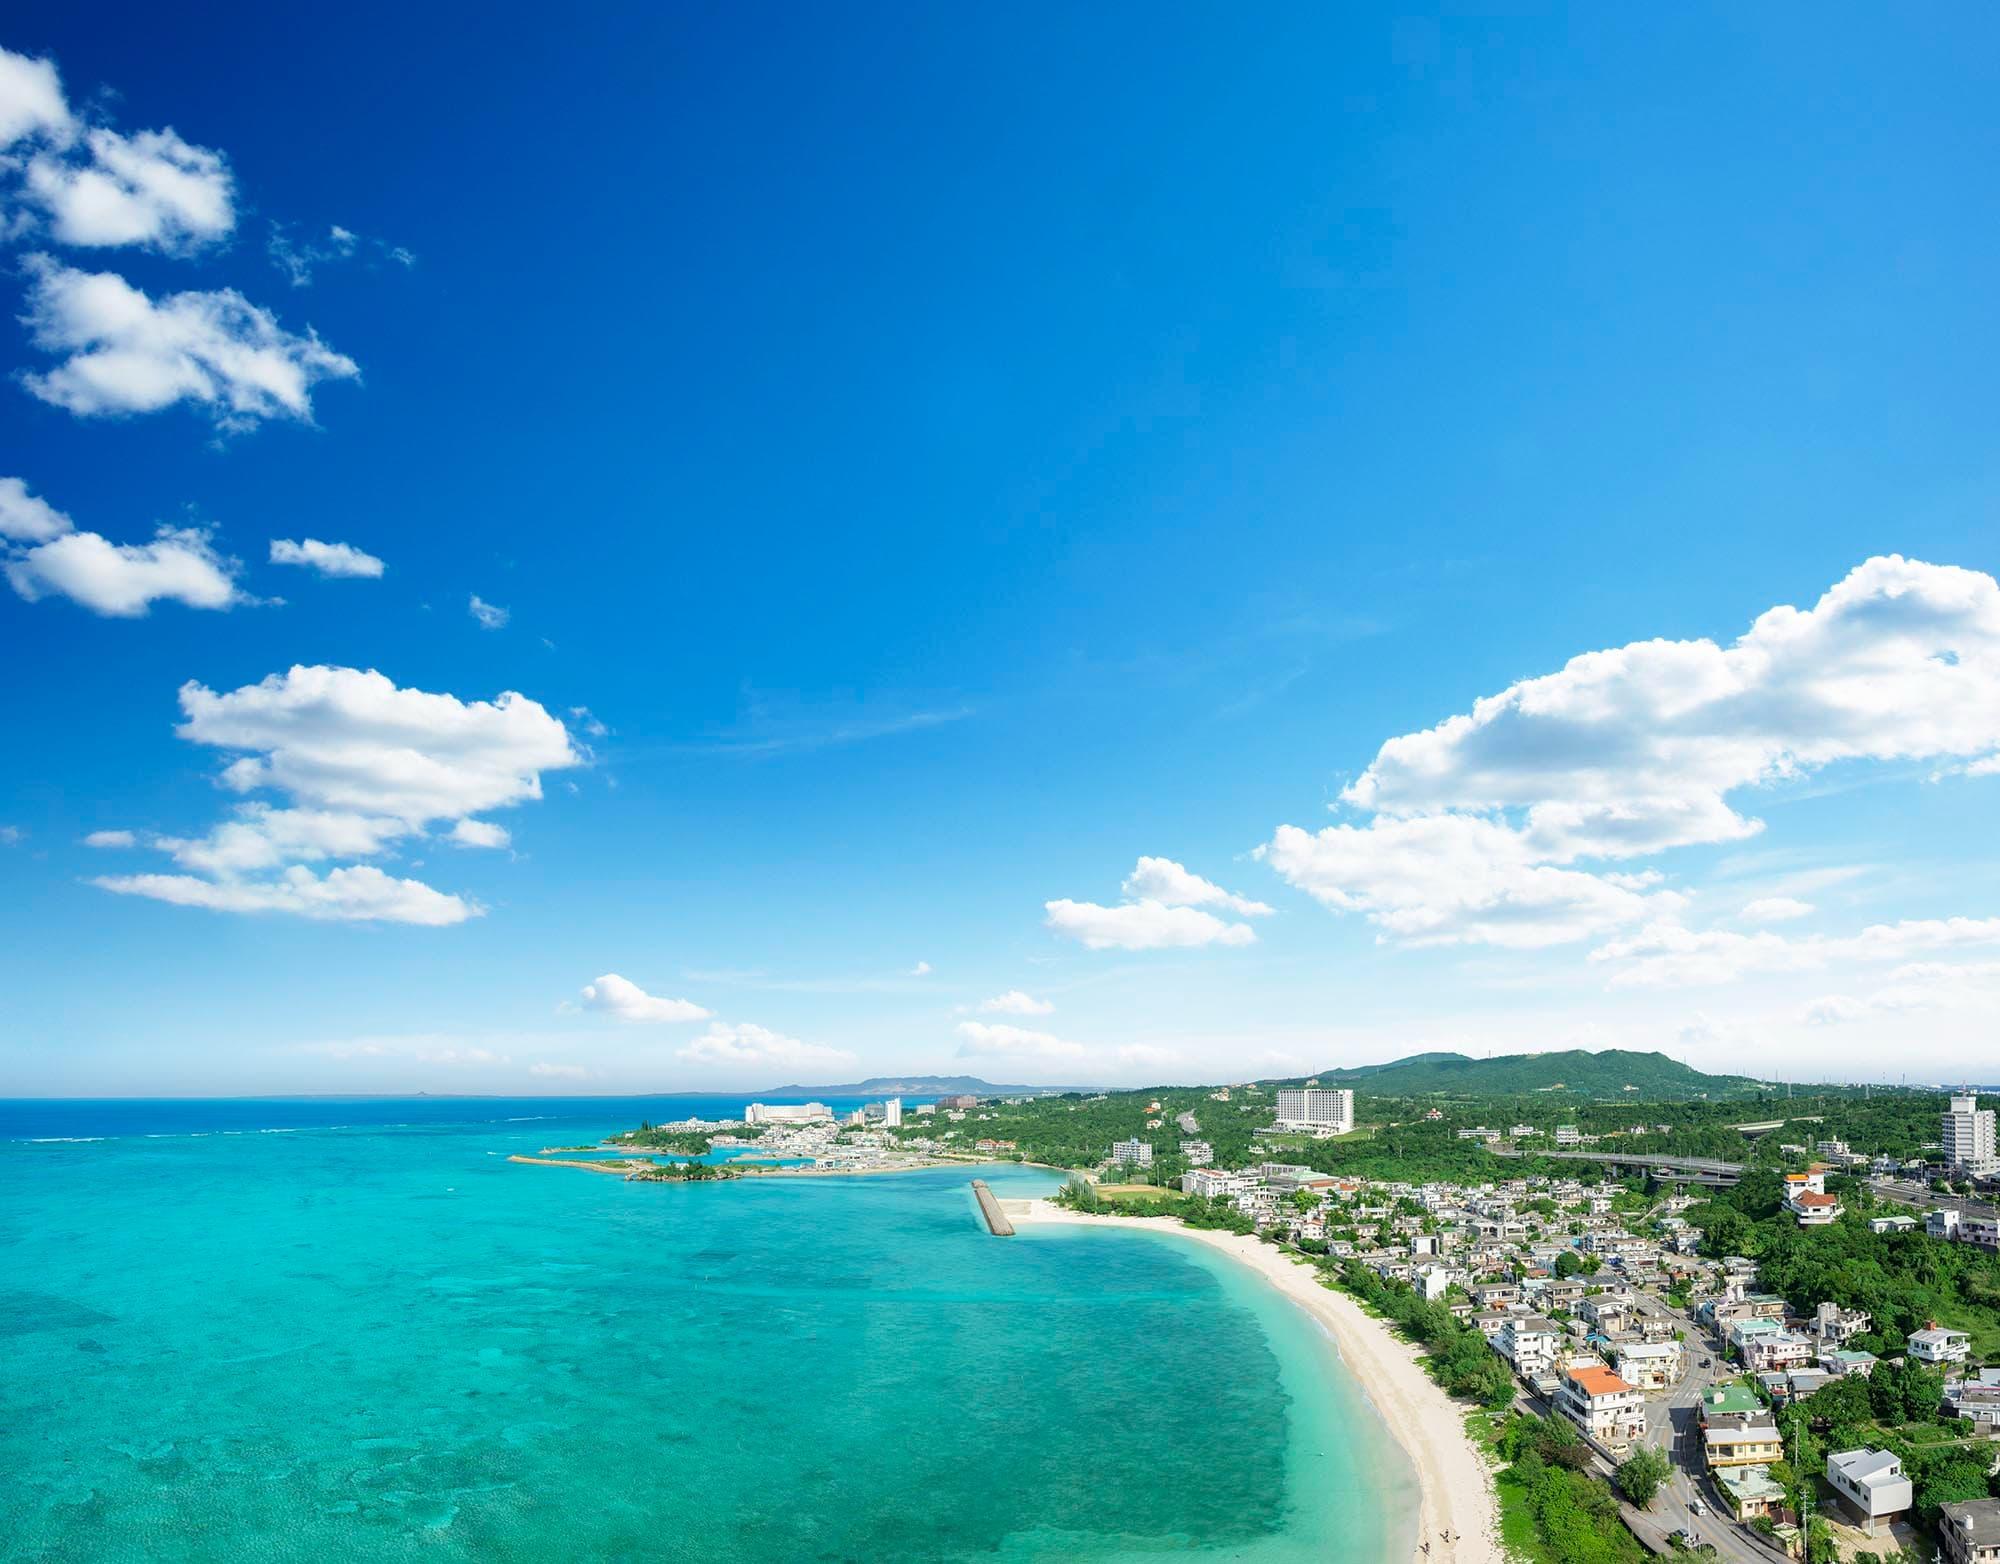 HIYORI OCEAN RESORT OKINAWA